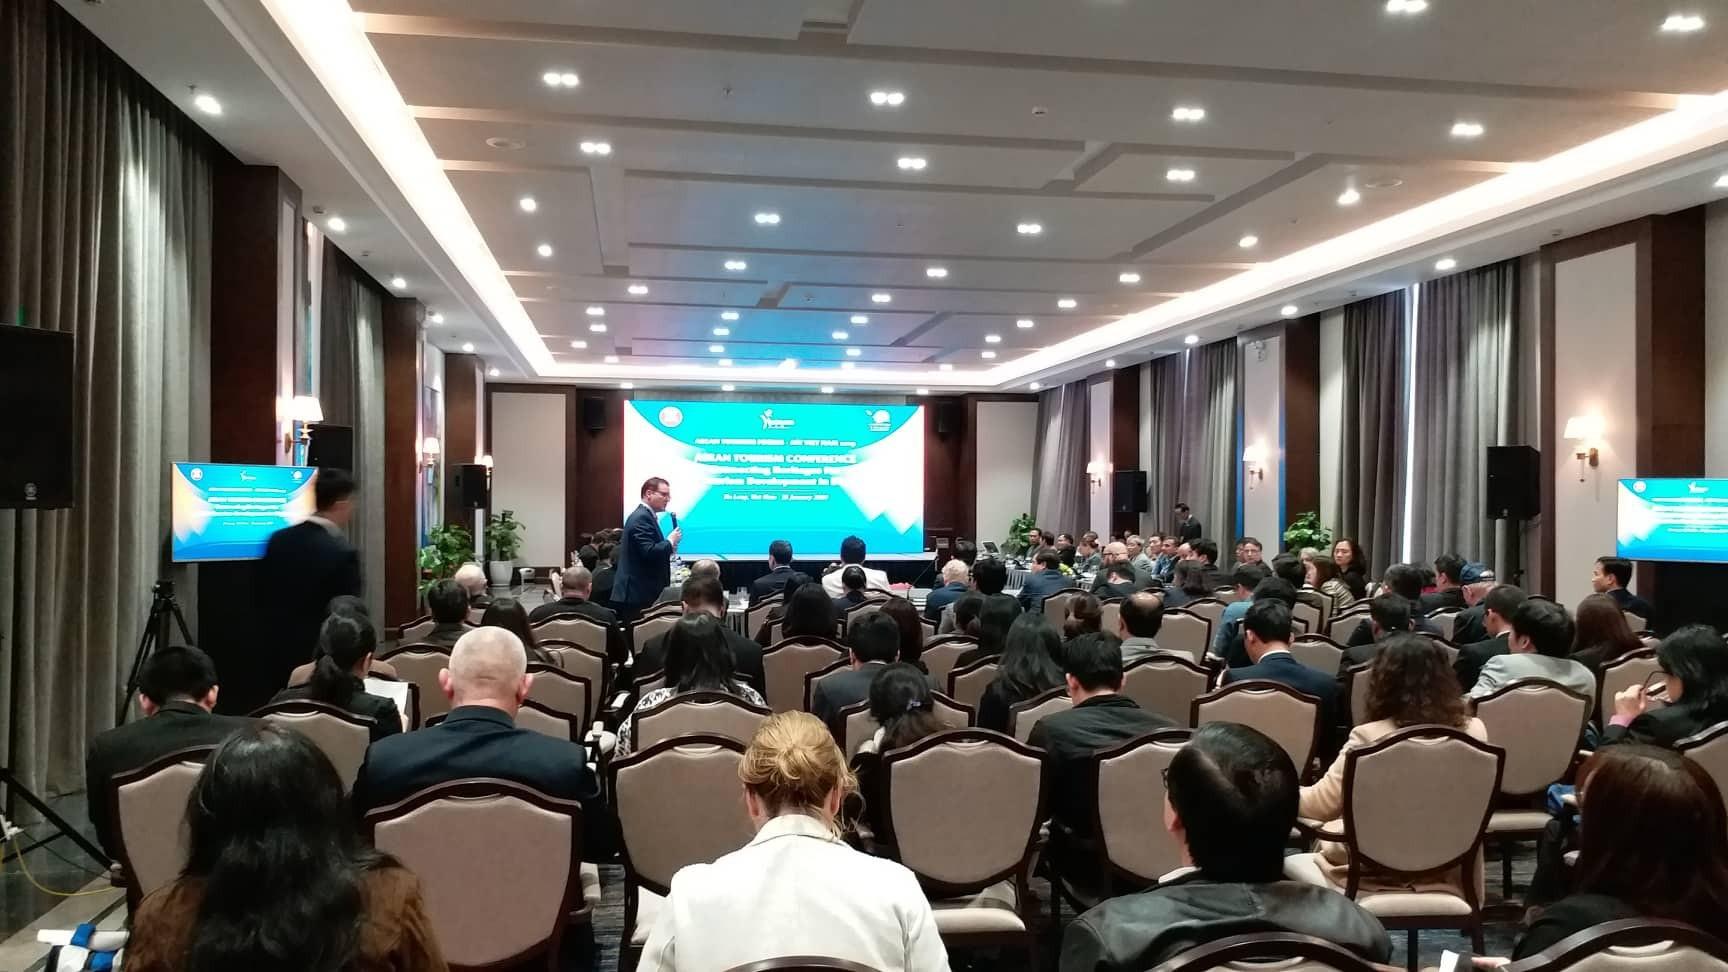 Hội nghị du lịch ASEAN (ATC), kết nối di sản và phát triển du lịch trong thời đại số - Ảnh 1.